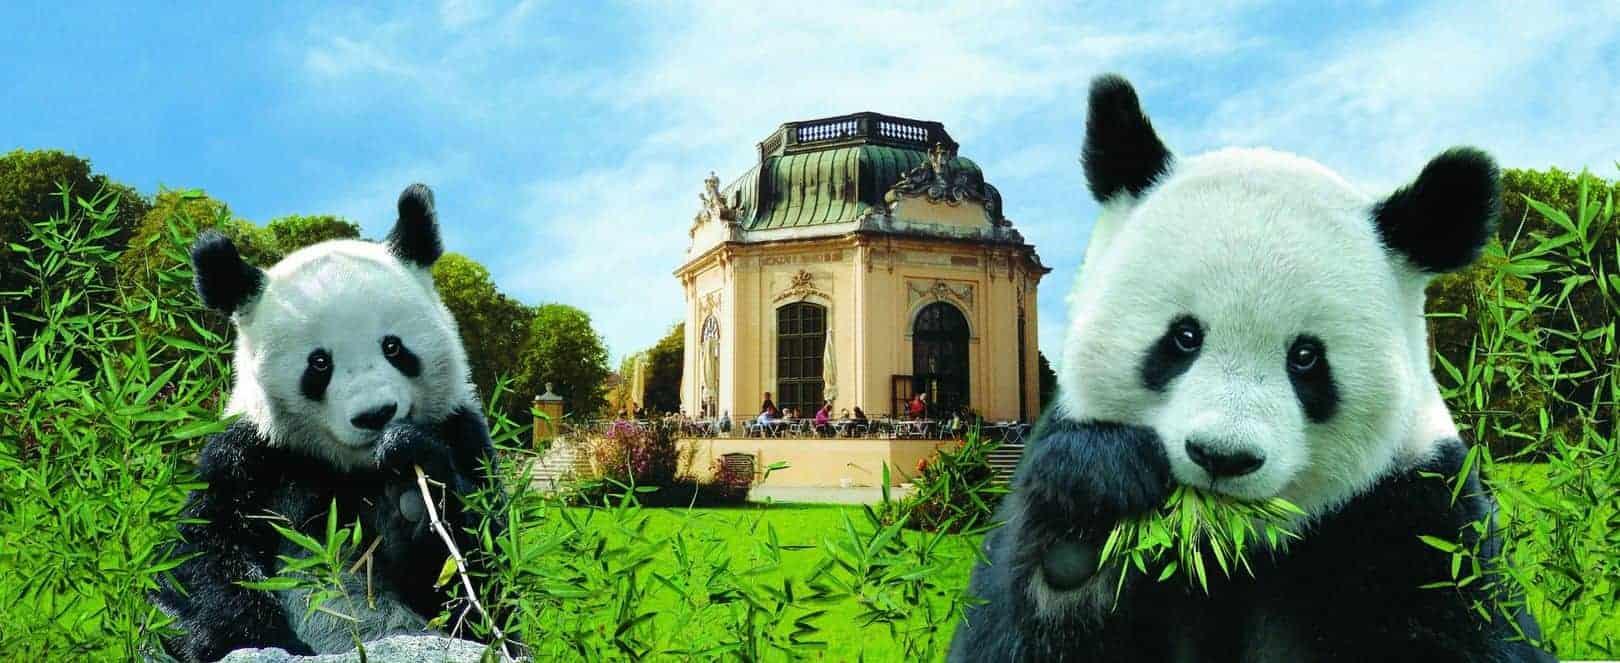 زيارة حديقة حيوان تشونبرون في فيينا